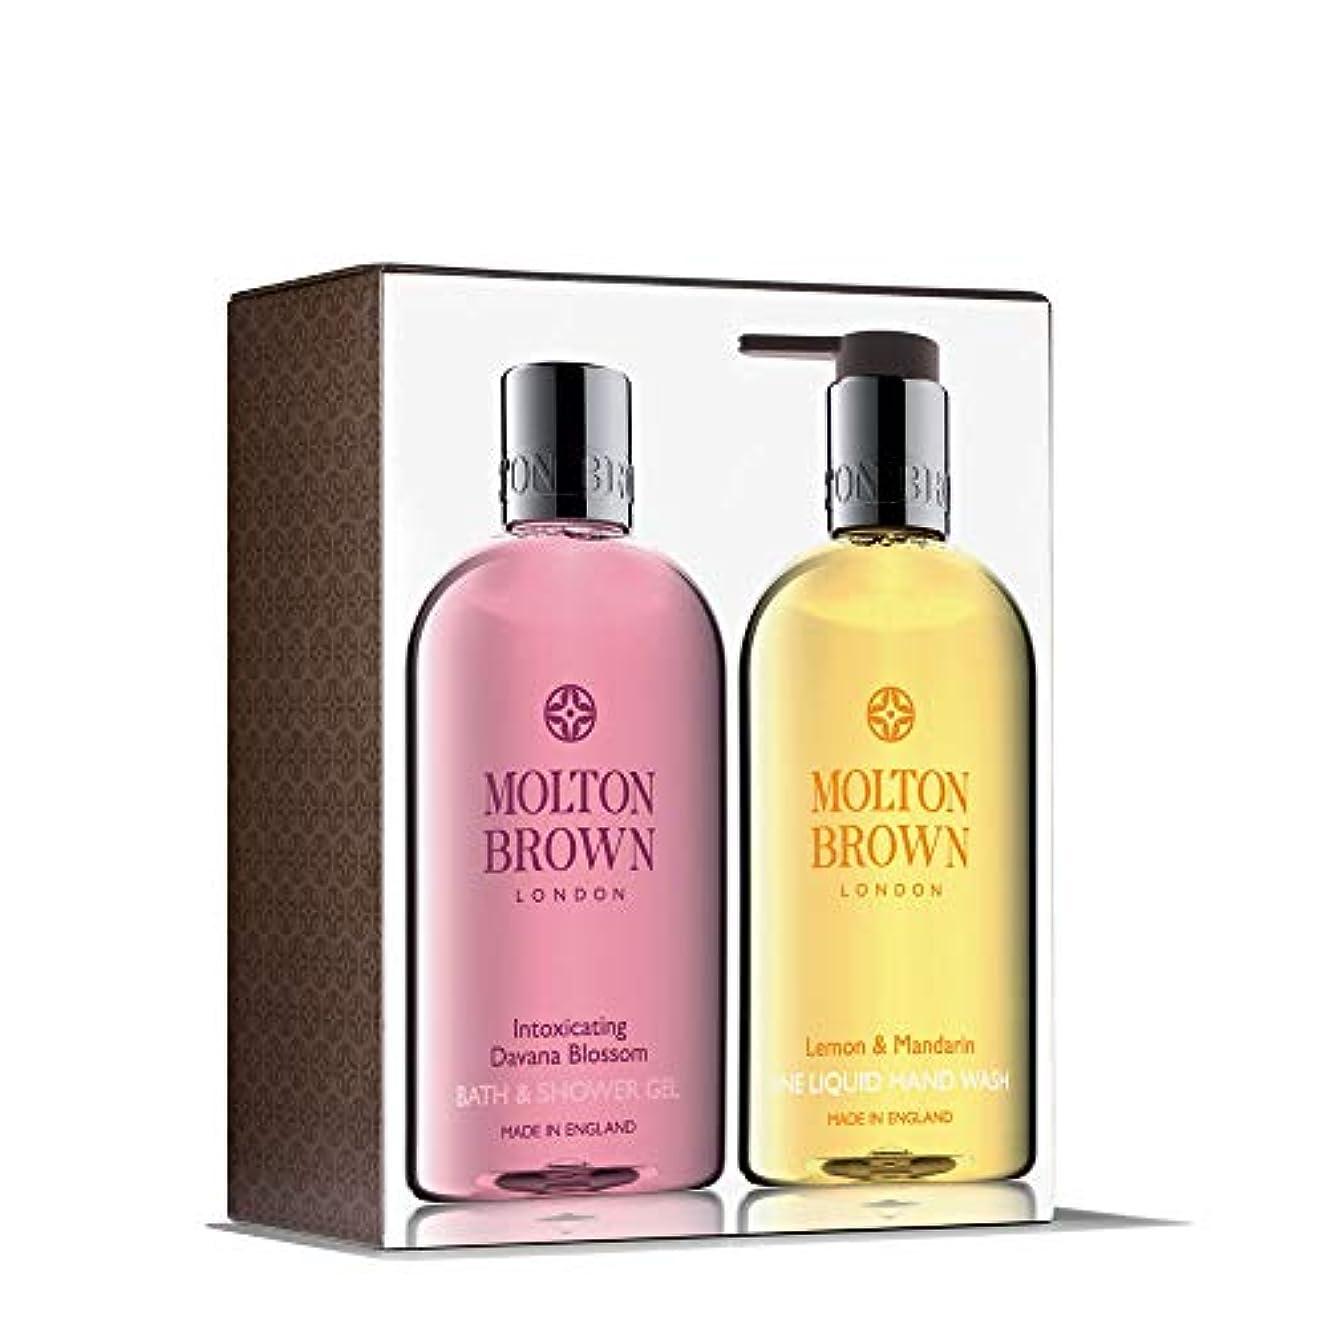 贅沢修正別々にMOLTON BROWN(モルトンブラウン) ダバナブロッサム アンド レモン&マンダリン ハンド&ボディセット